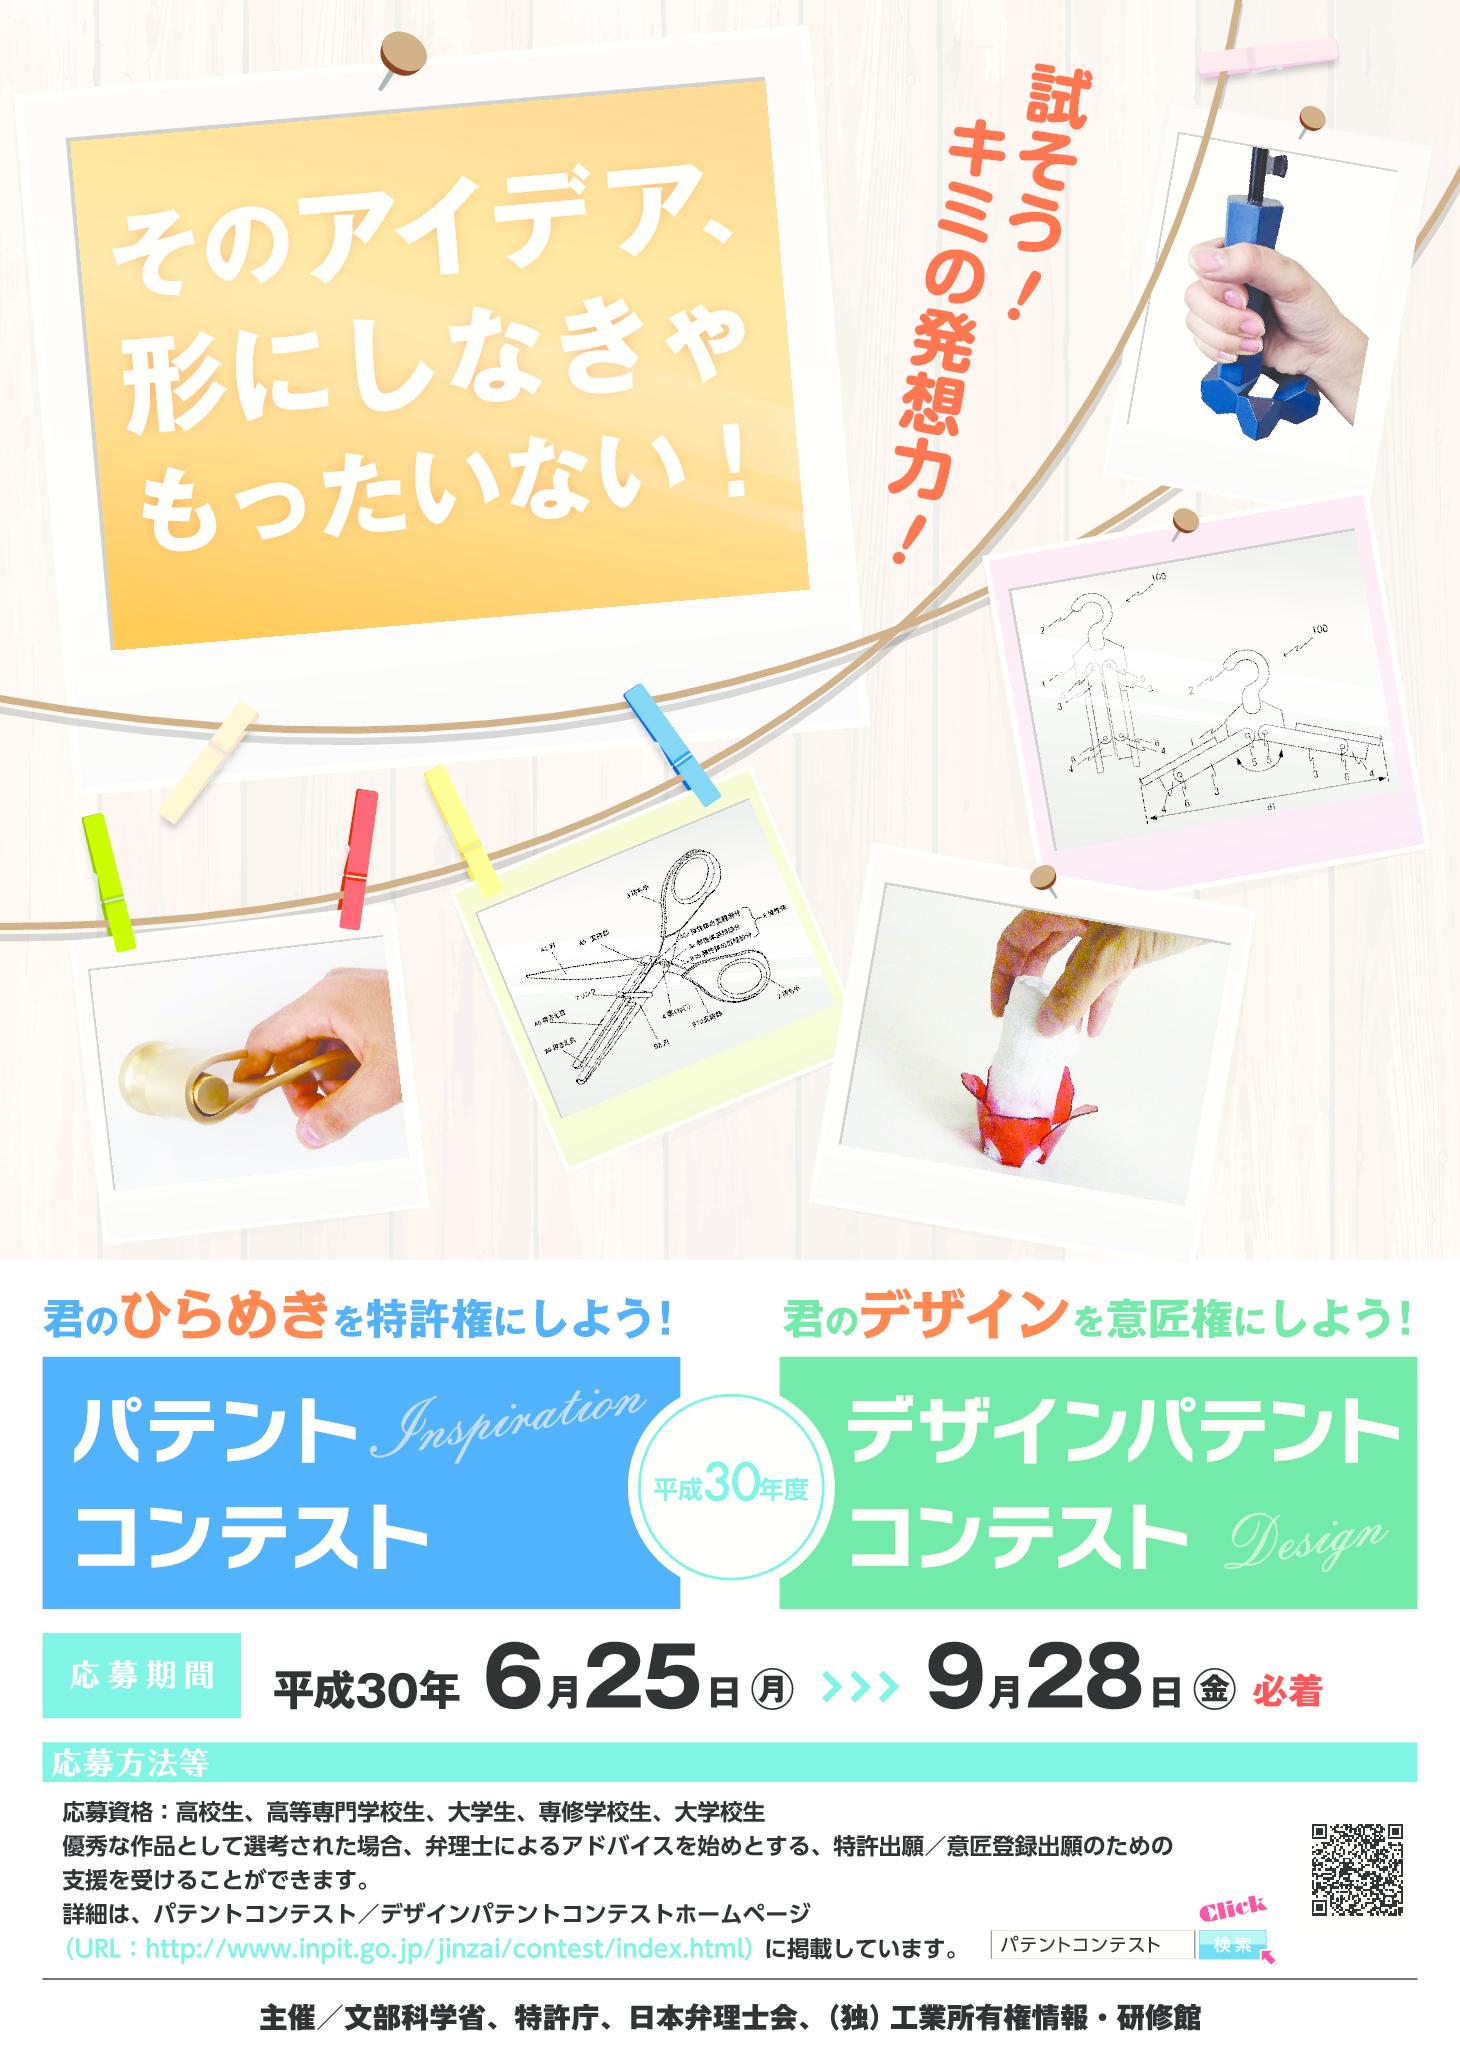 平成30年度パテントコンテスト/デザインパテントコンテストポスター